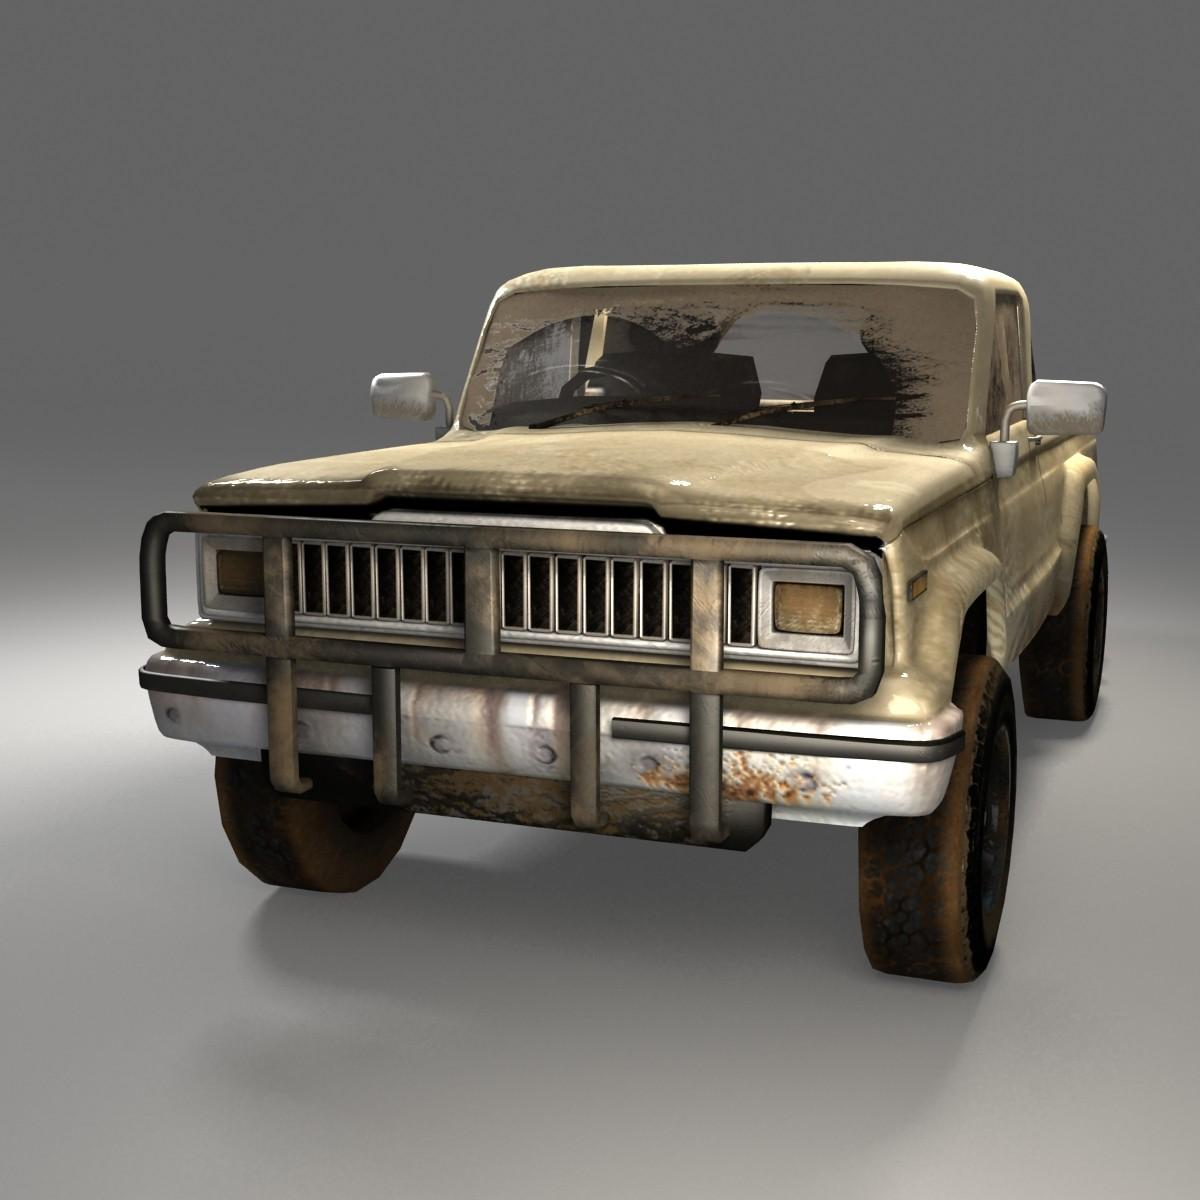 jeep j20 truck 3d max